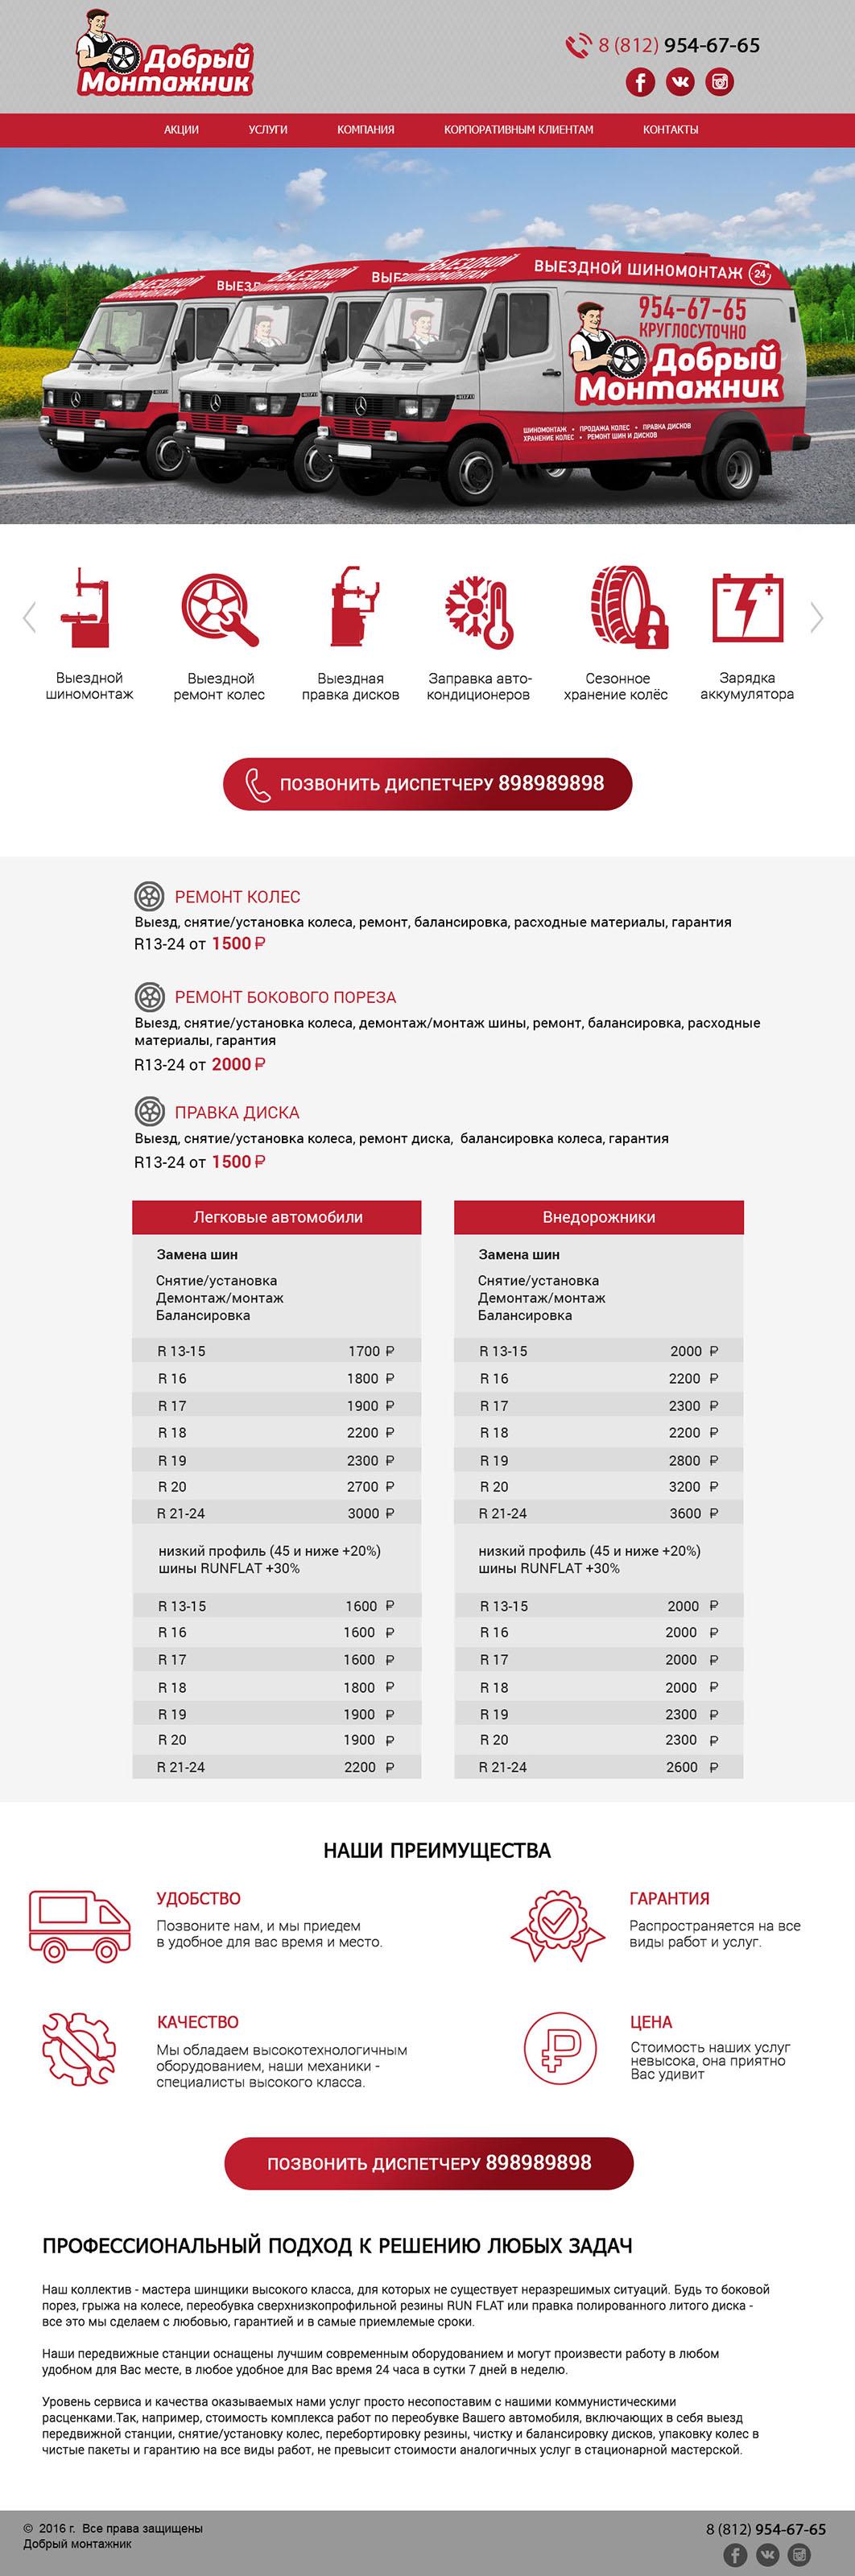 Главнная страница шиномонтажа Добрый монтажник